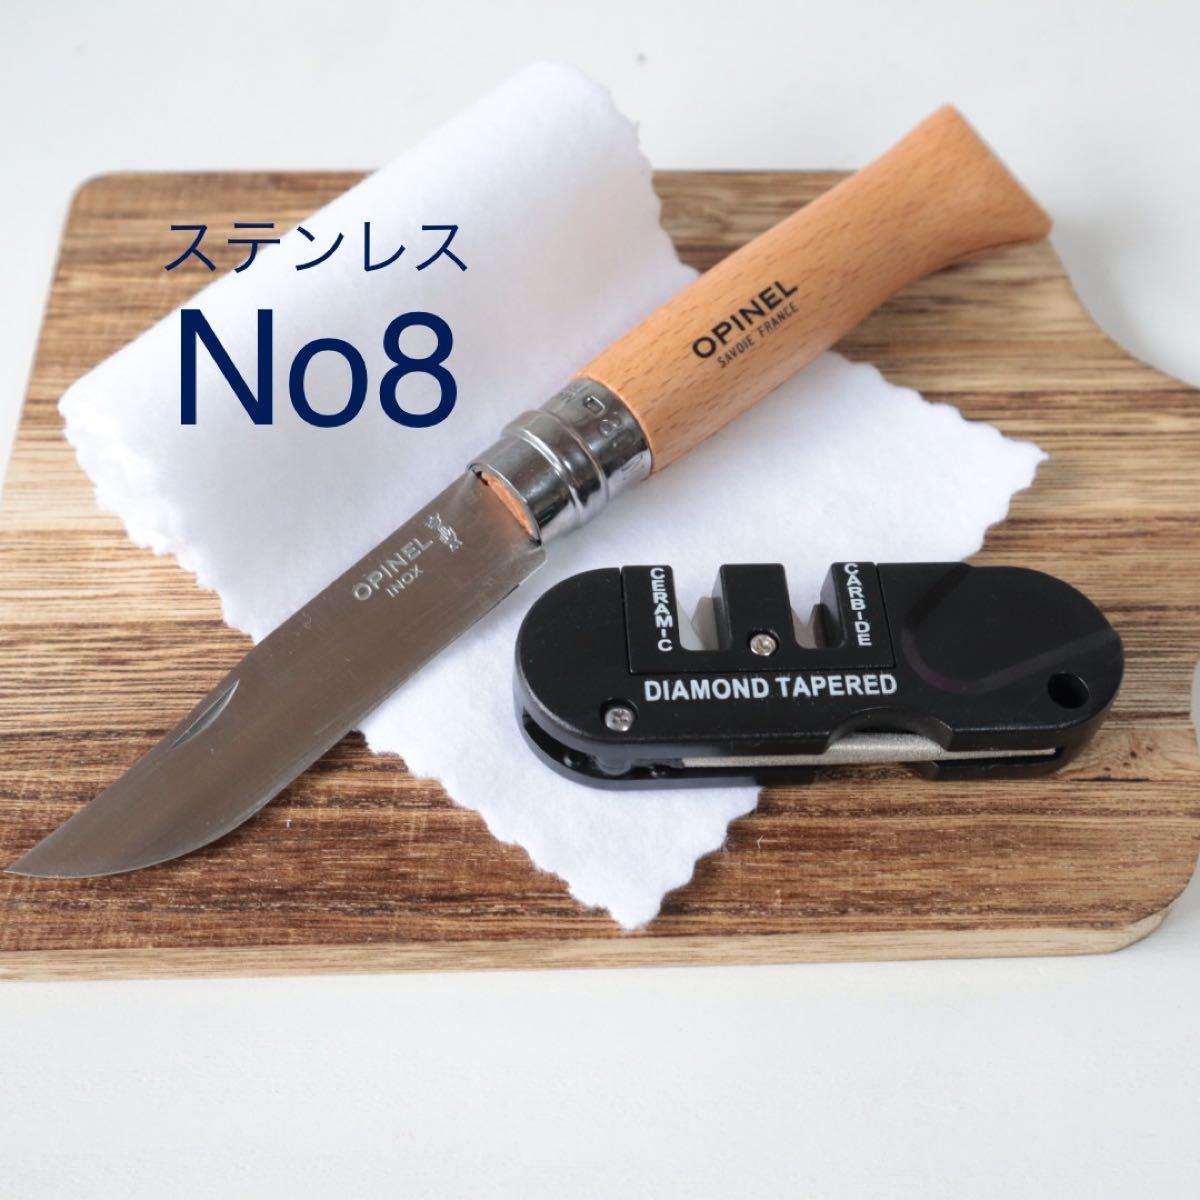 オピネル No8 ステンレスナイフ&シャープナ&オリジナルクロス3点セット